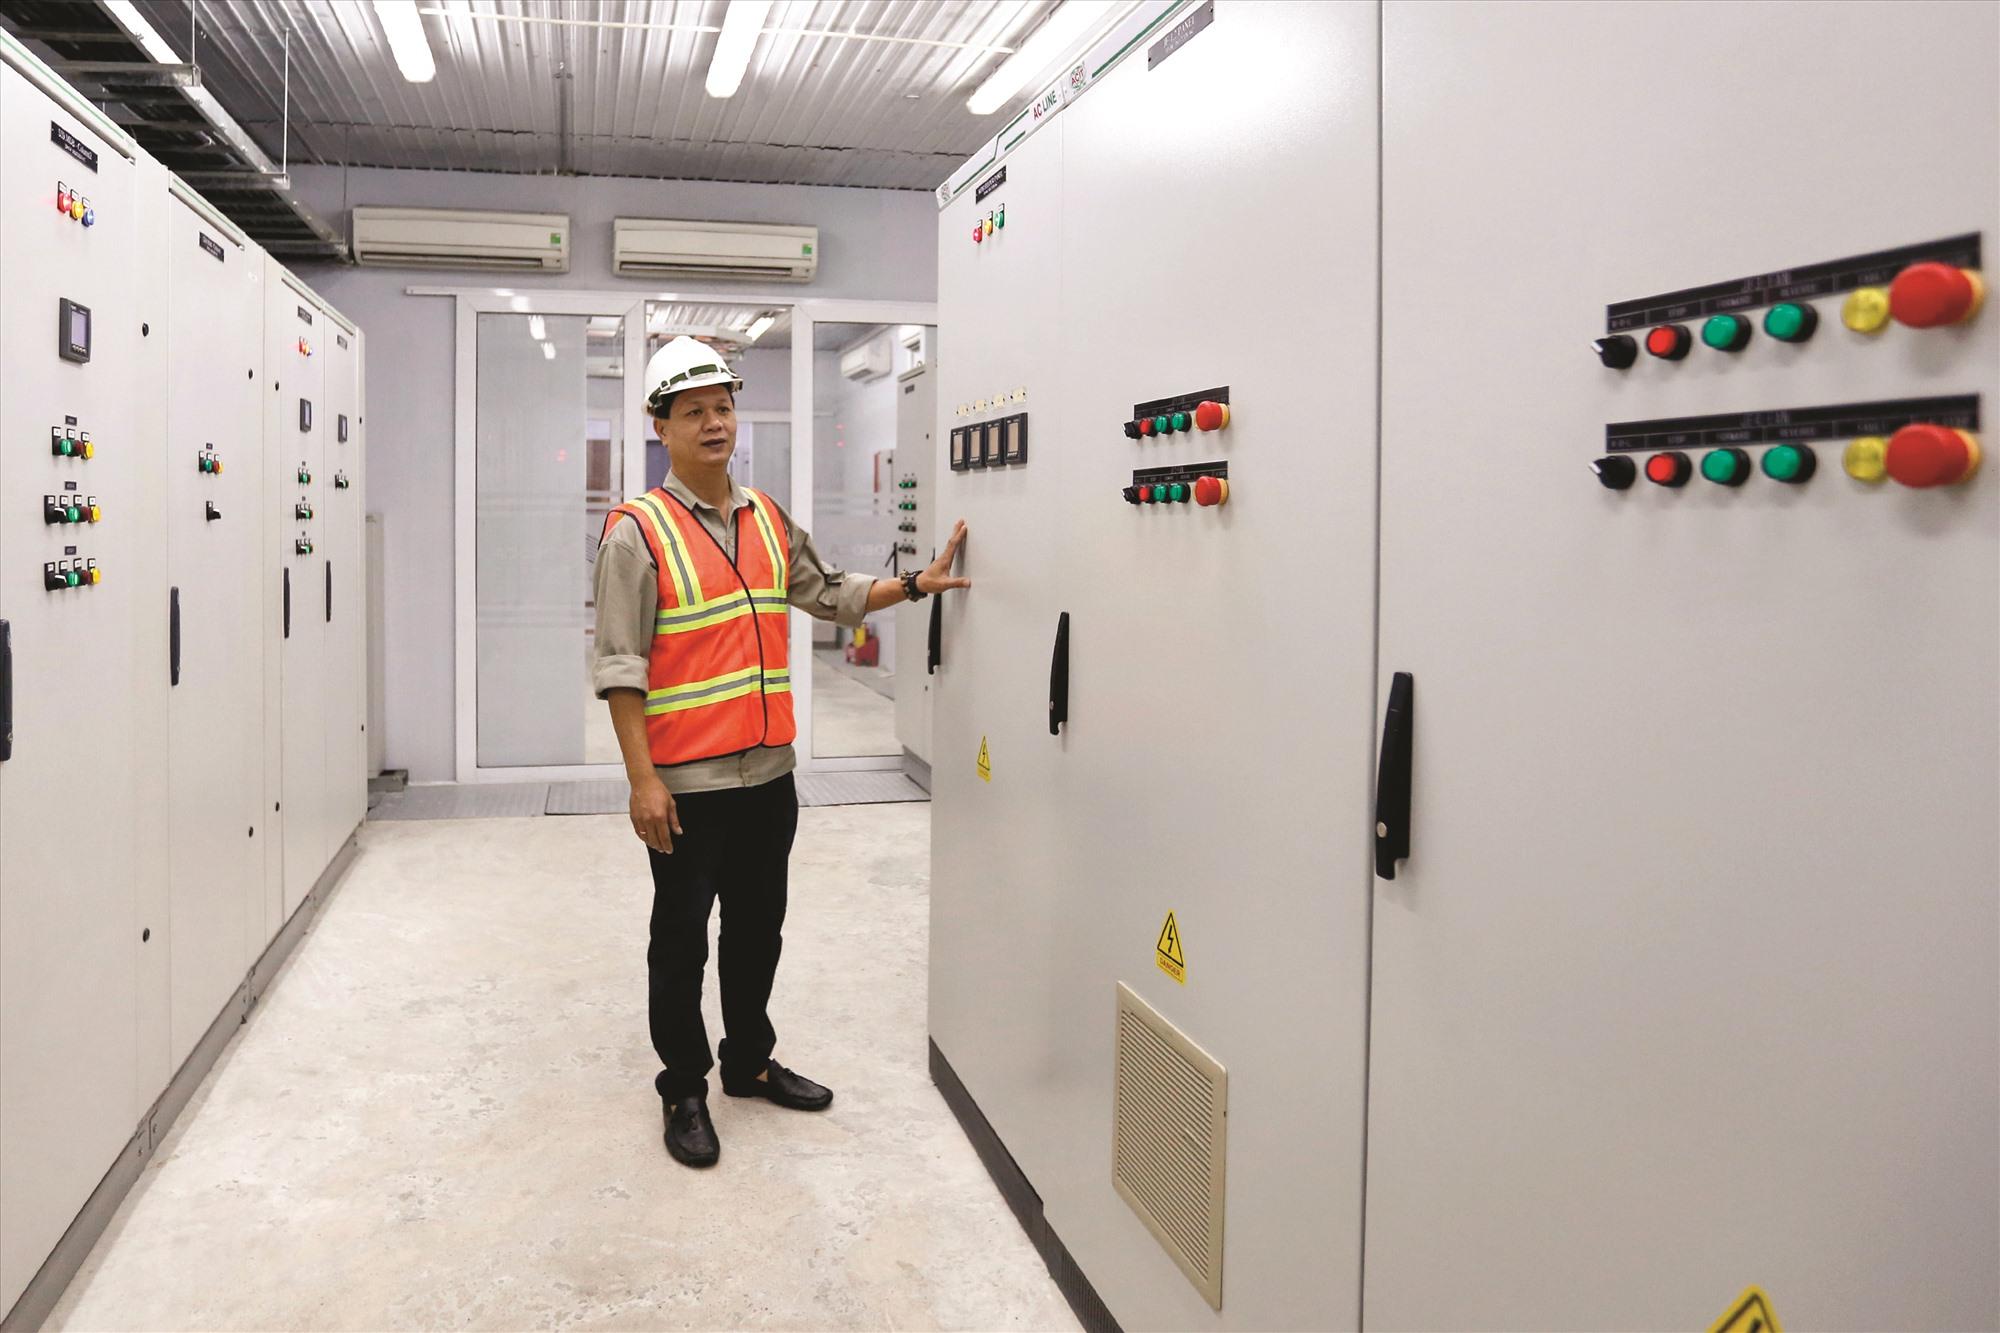 Hệ thống điện, dữ liệu camera được đặt trong một khu nhà ngay trong hầm Hải Vân 2.